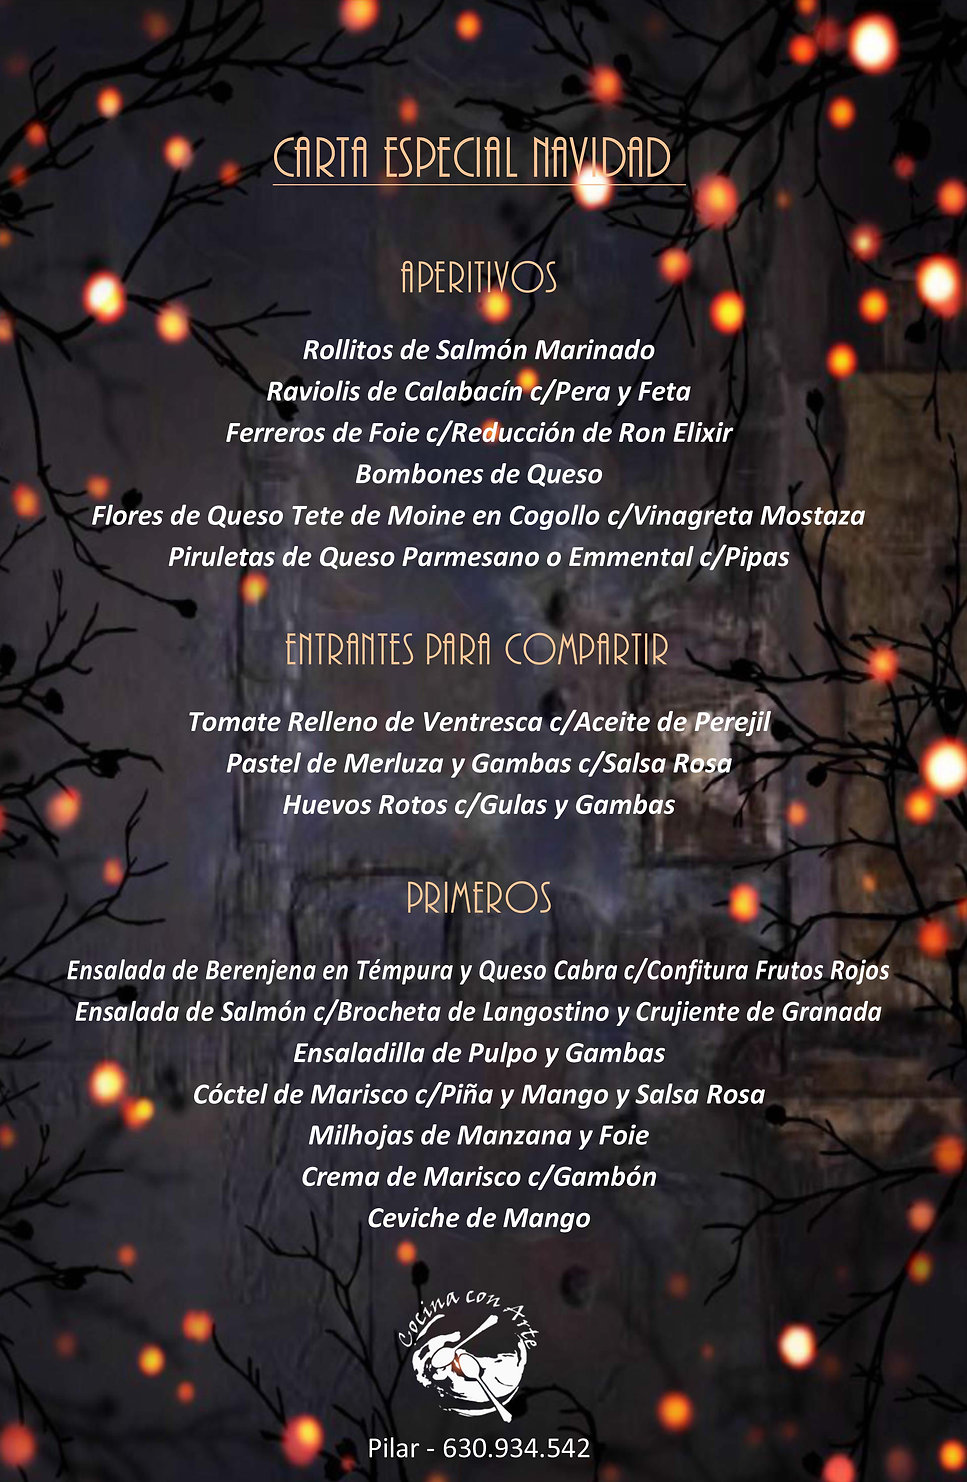 CARTA SELECCION ESPECIAL NAVIDAD_Página_